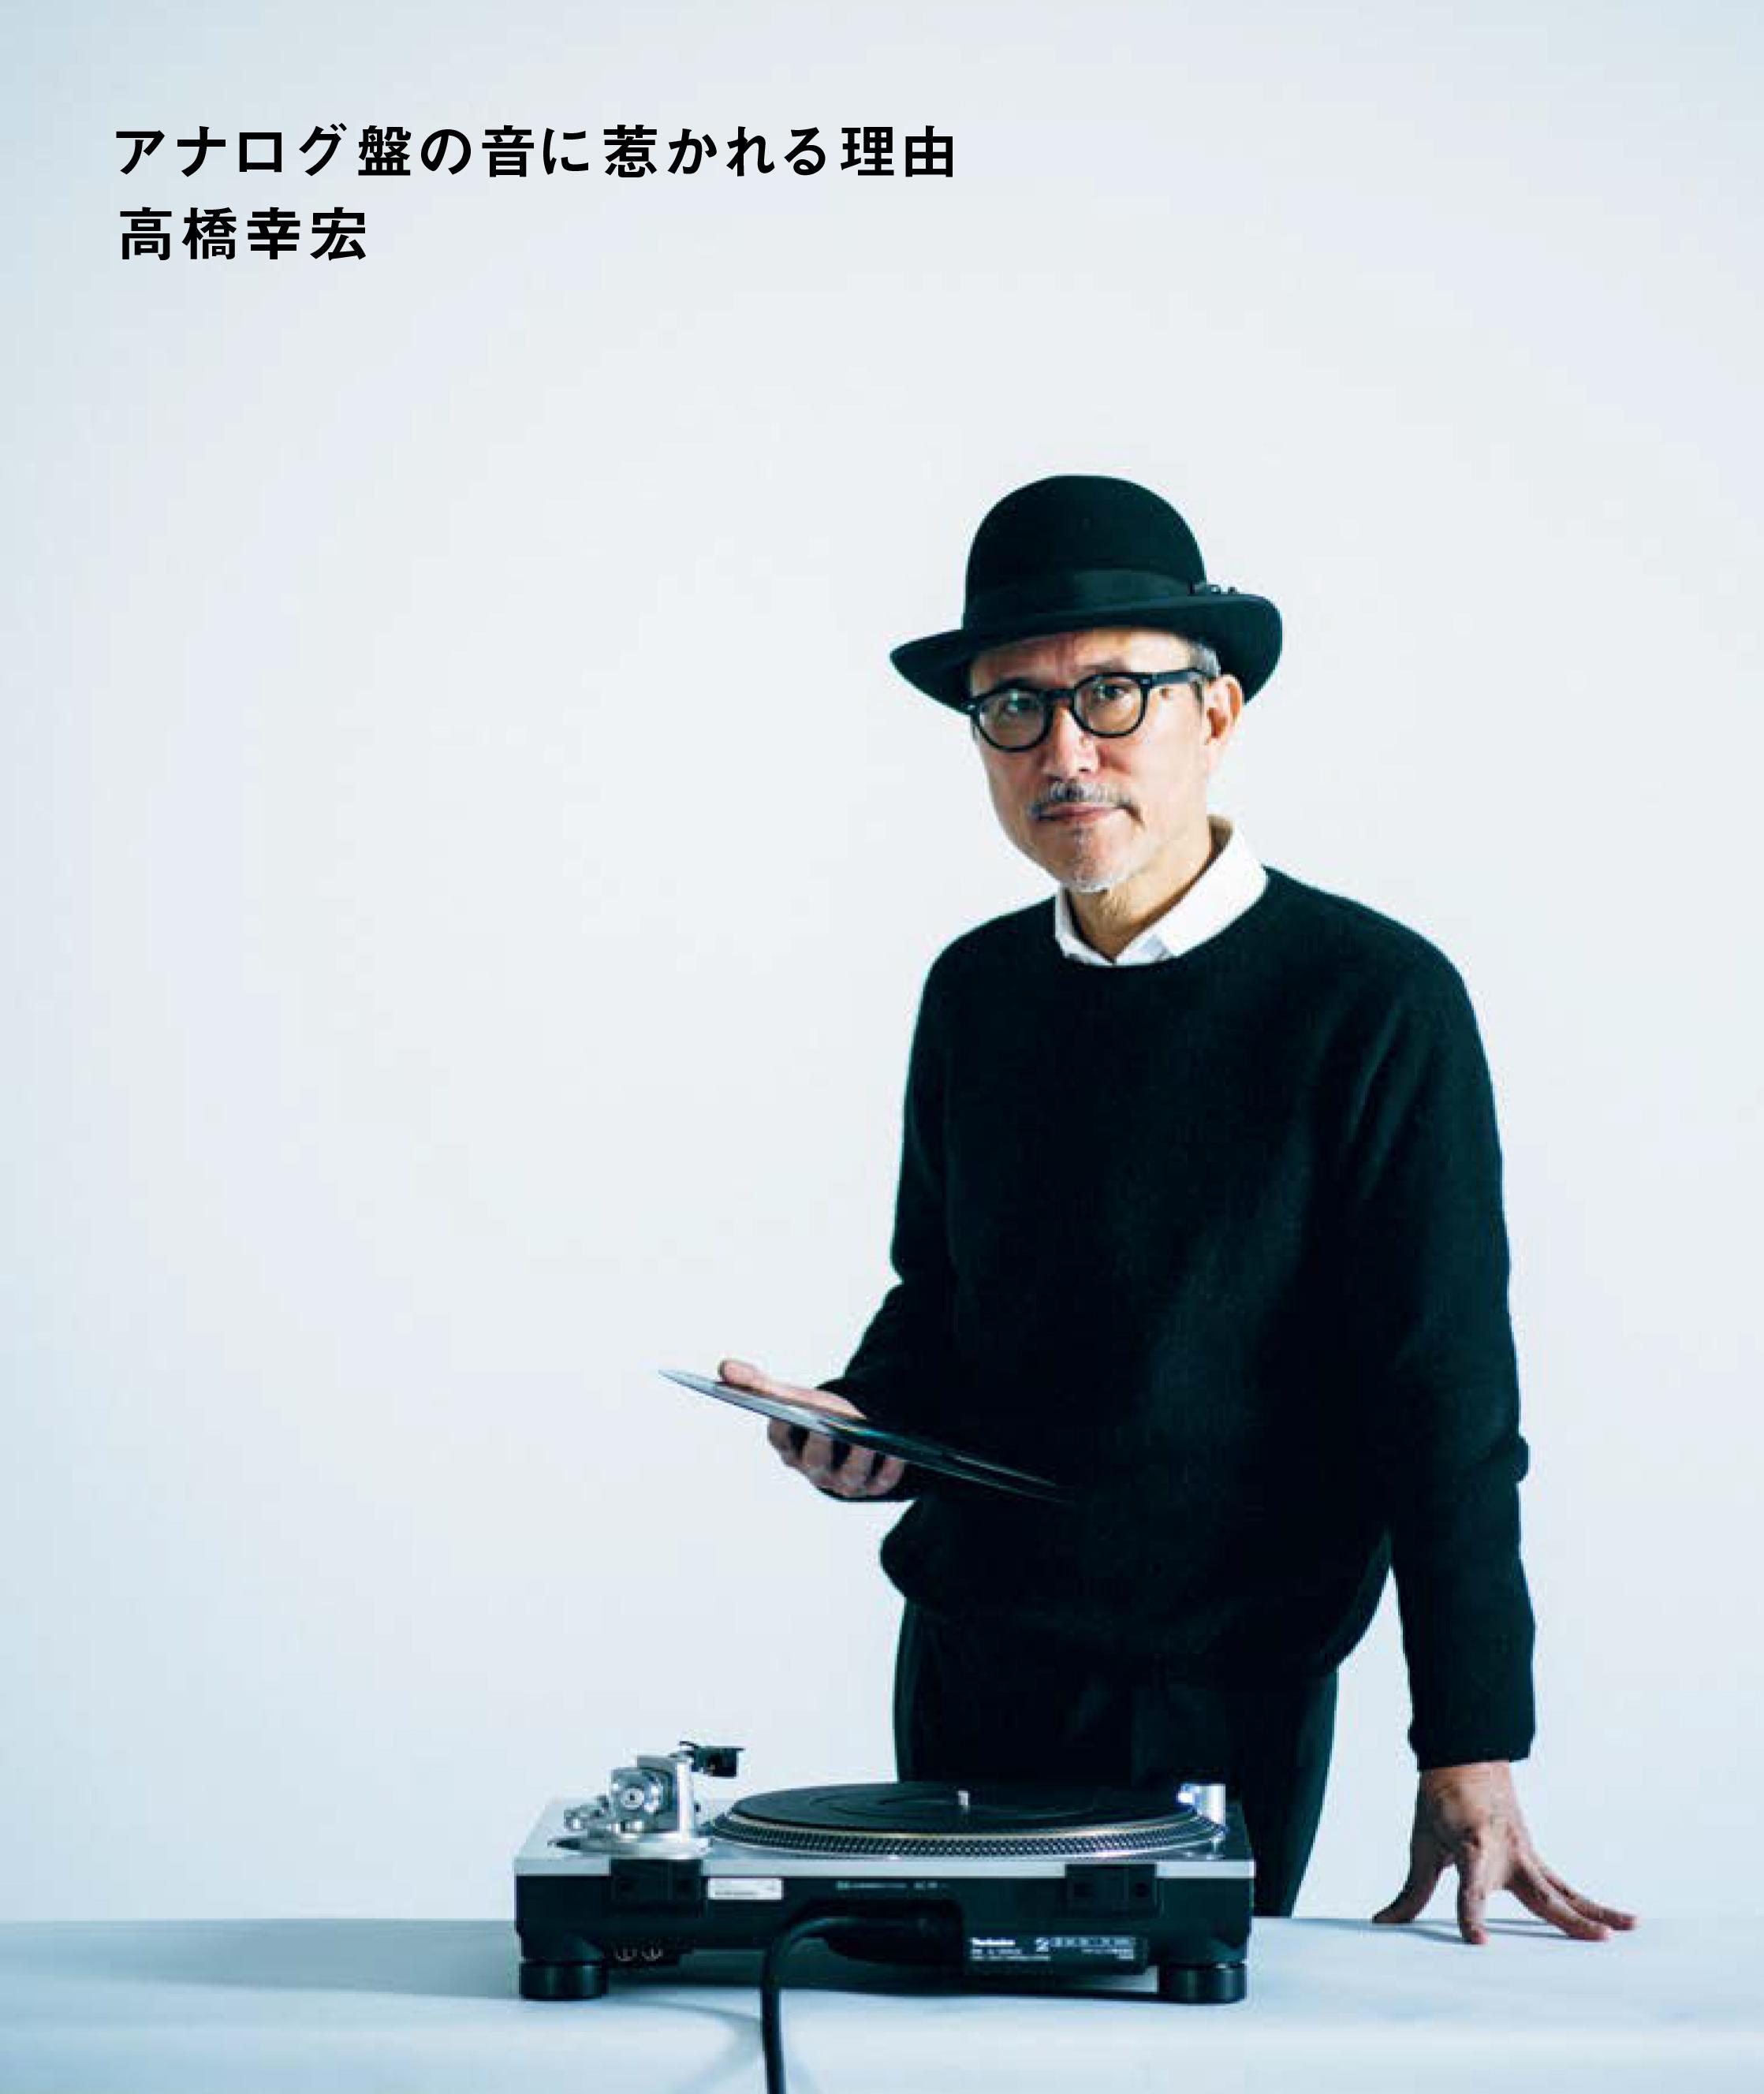 高橋幸宏の画像 p1_9